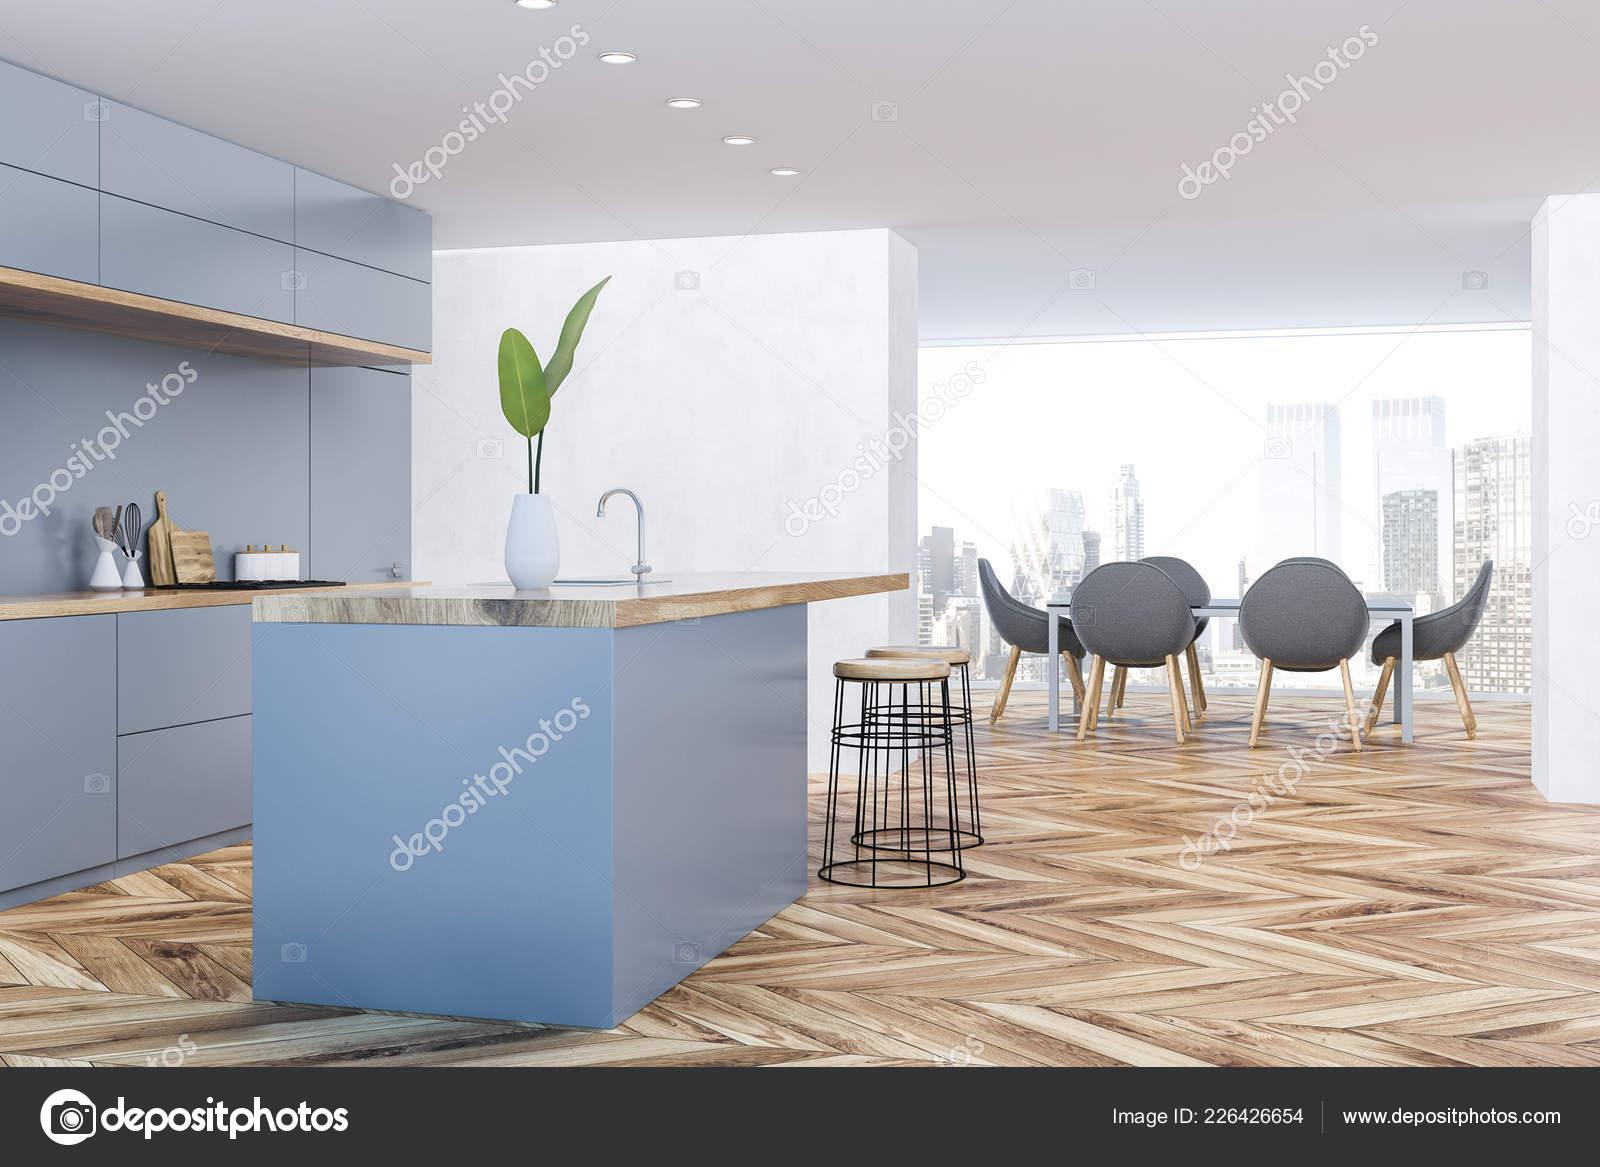 cb675383840d Esquina de la cocina y comedor con paredes blancas, piso de madera,  encimeras de gris, barra con taburetes redondeos y mesa de comedor con  sillas en el ...